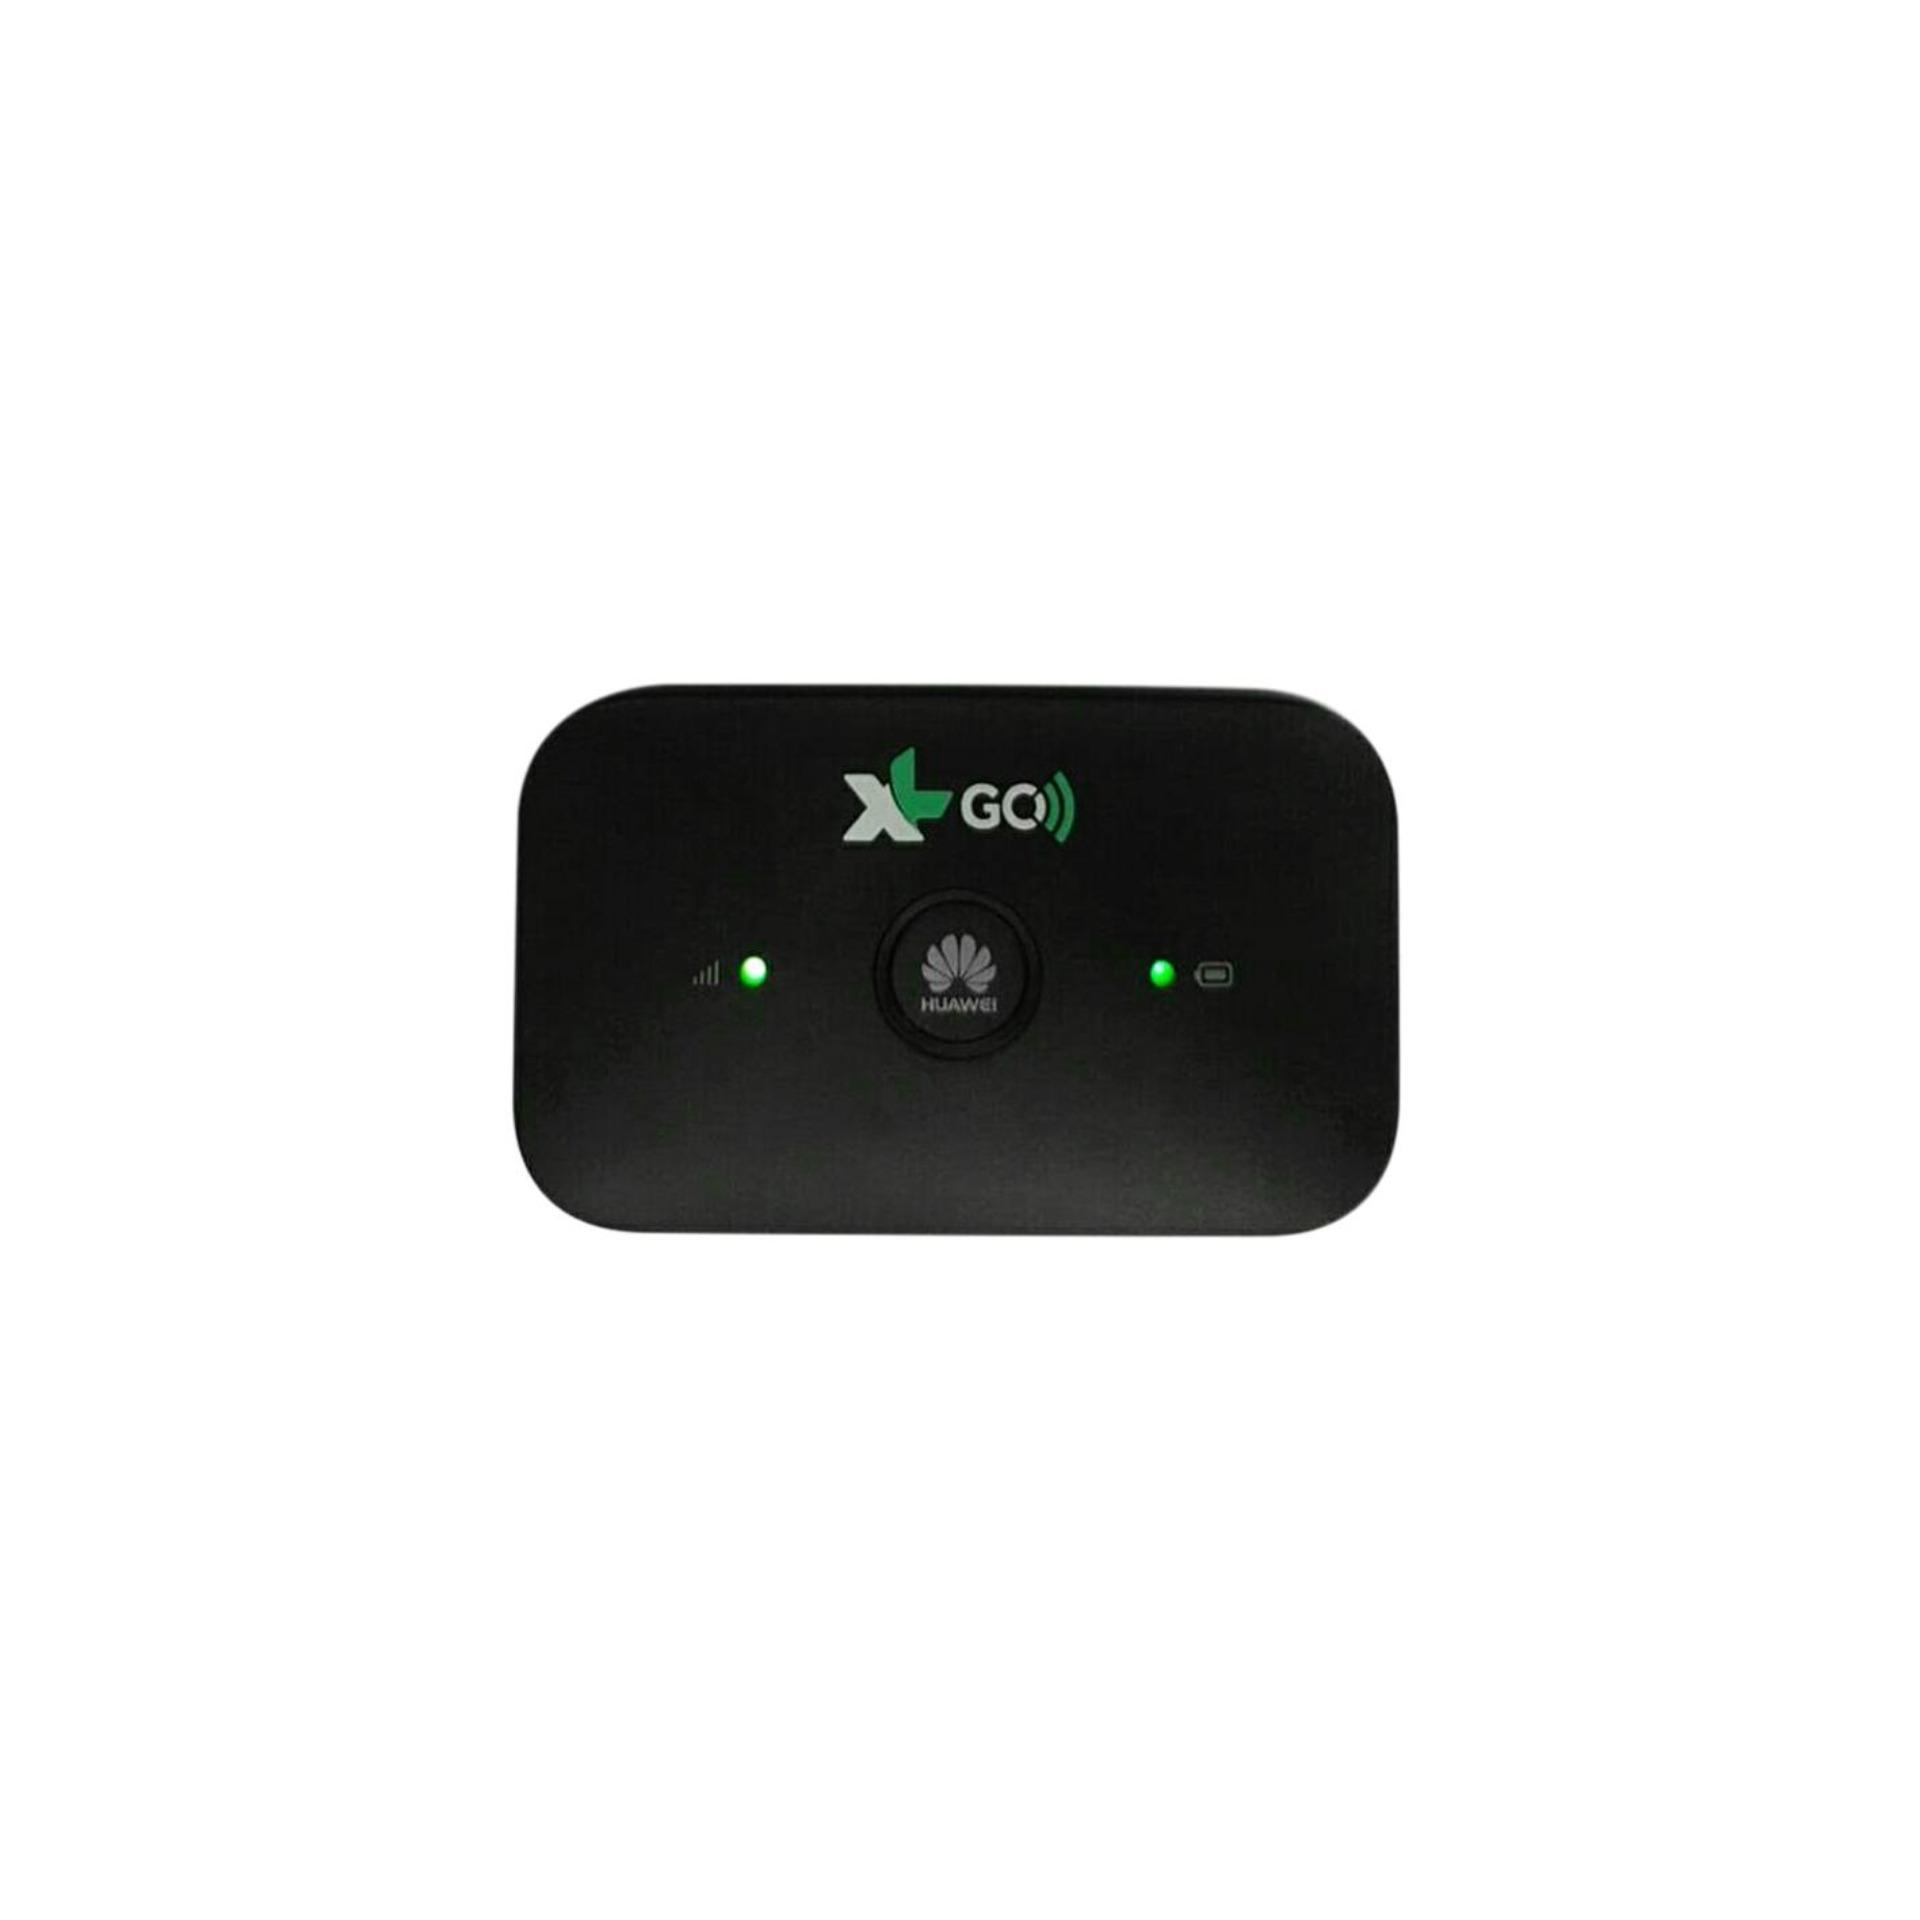 Terbaik Murah Mifi Modem Wifi 4g Huawei E5573 Xl Go Free 60gb 60hari Bolt Paling Laku